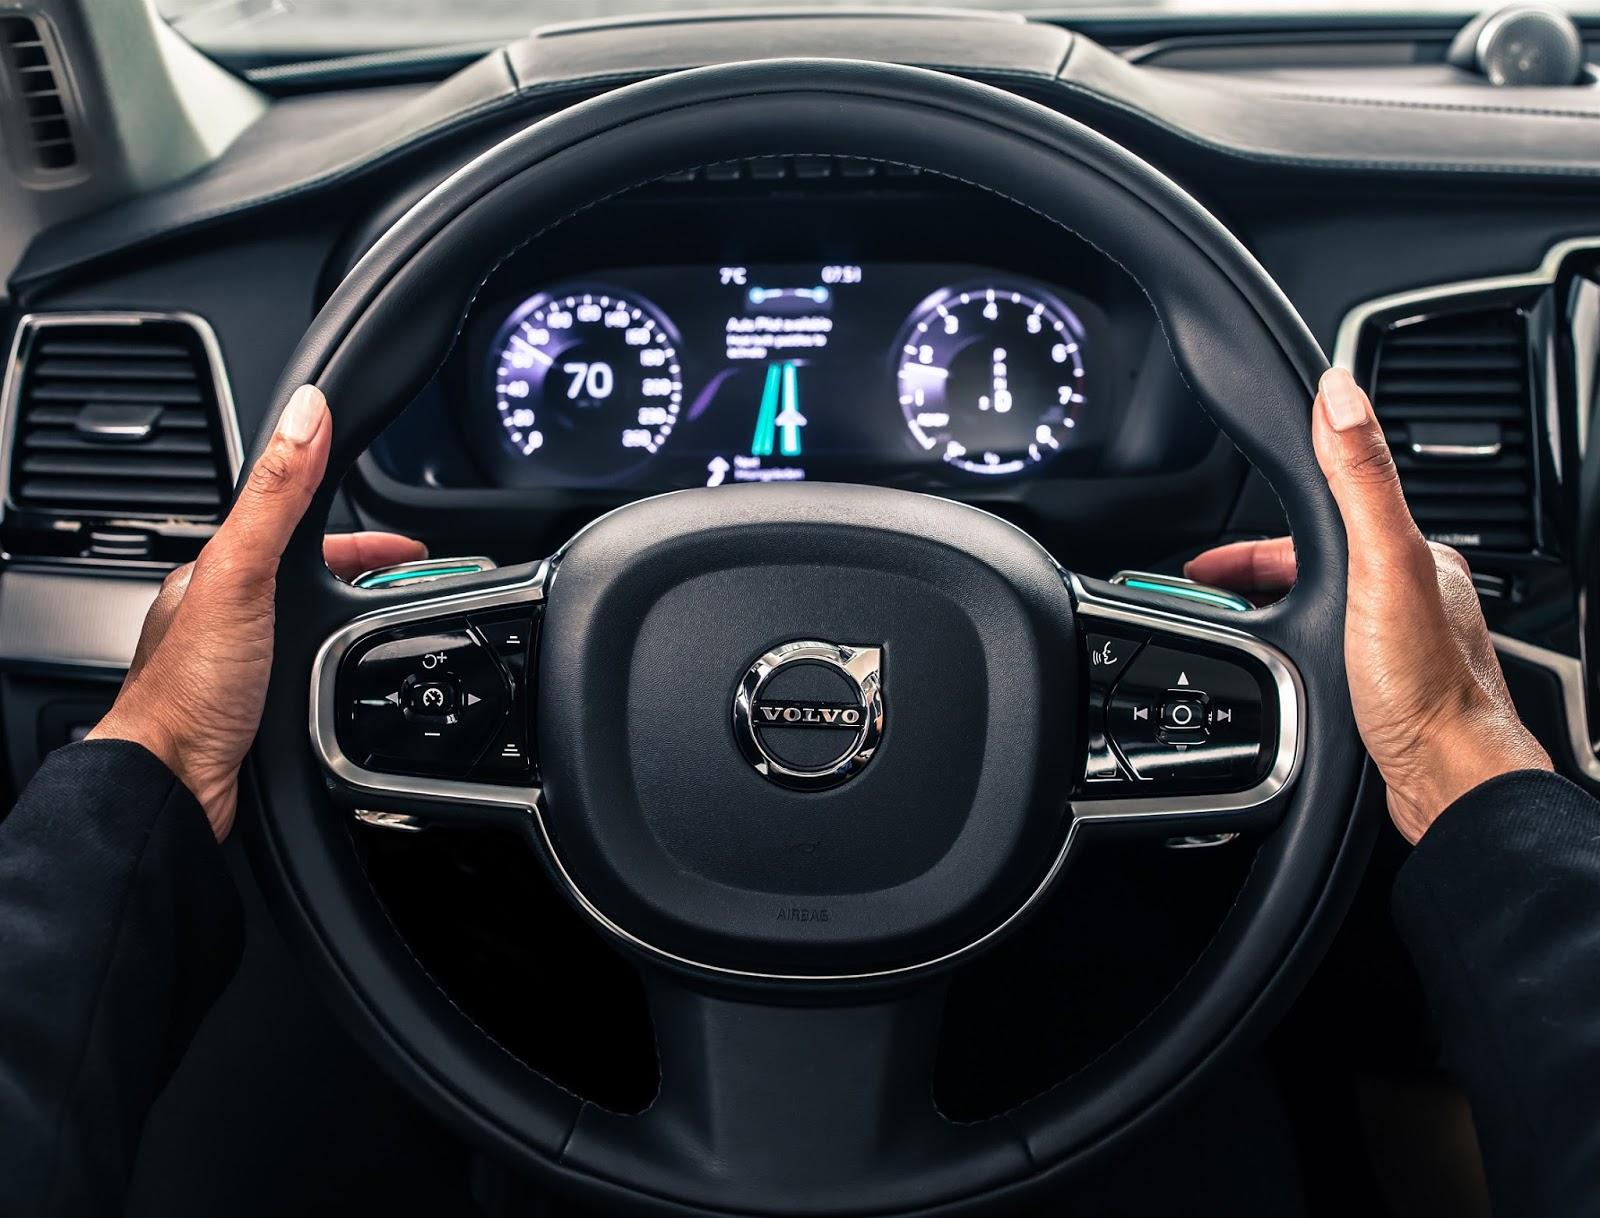 VOLVO AUTO%2BPILOT%2BINTELLISAFE 1 Το 2017 η Volvo θα βγάλει στο δρόμο 100 αυτόνομα αυτοκίνητα